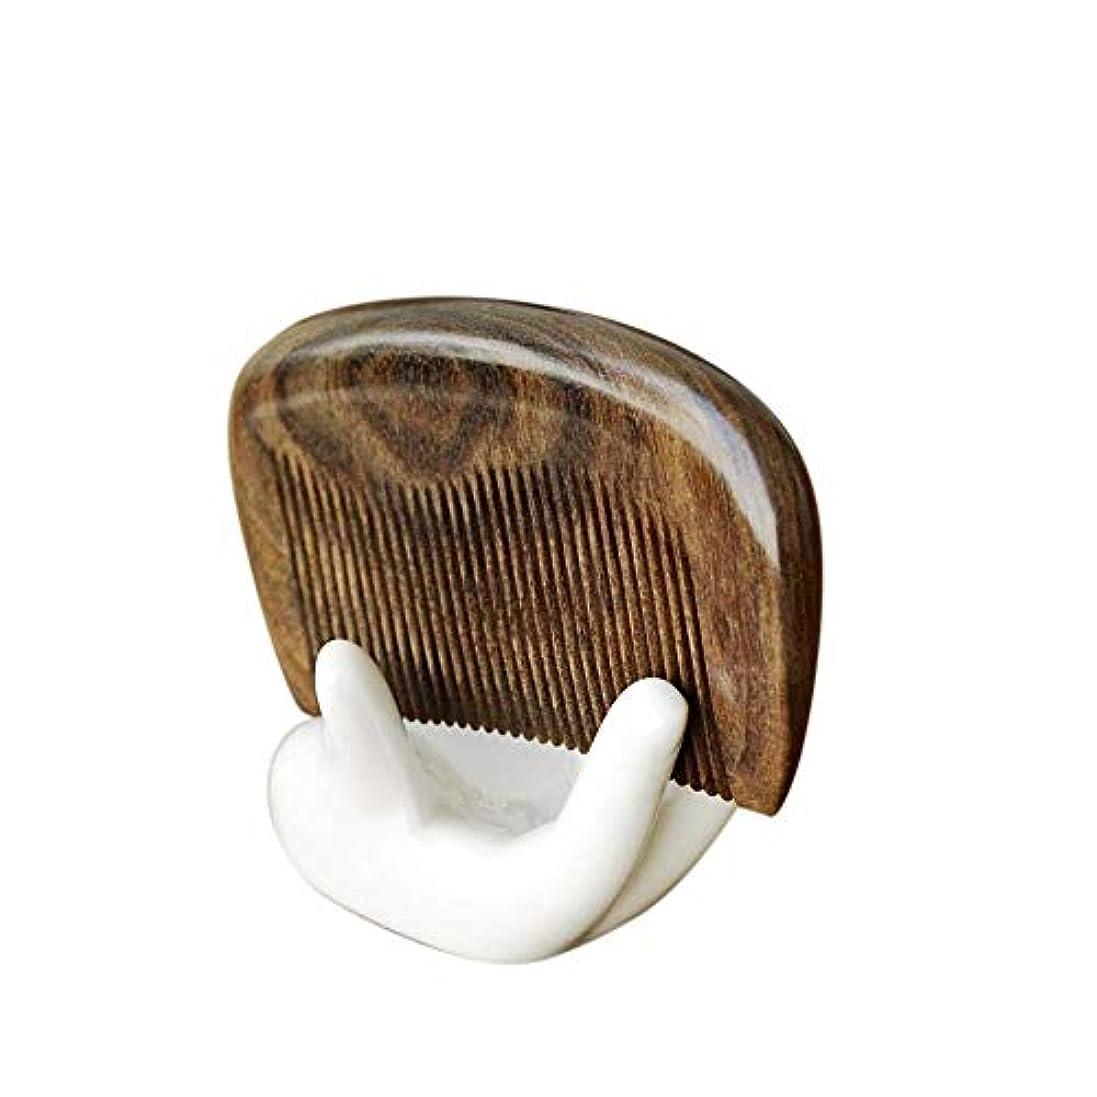 どんよりしたそして実業家Fashian木製のくし歯ファイン手作りの木製くし、女性のためのグリーンサンダルウッドアンチスタティックもつれ解除ホーンくし ヘアケア